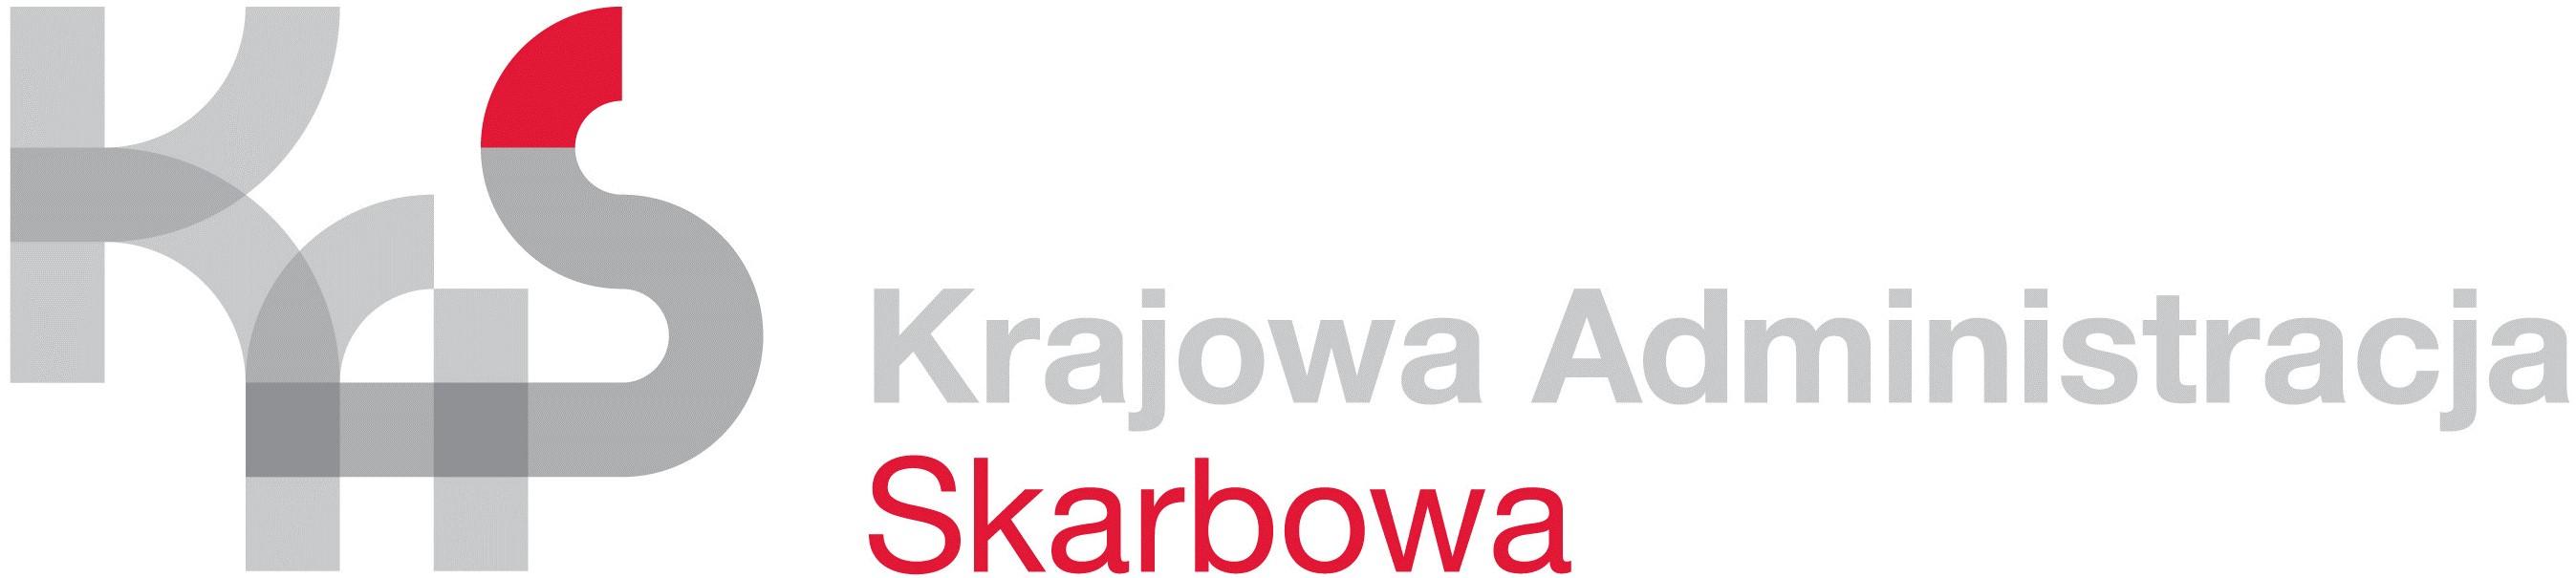 logo Krajowej Administracji Skarbowej